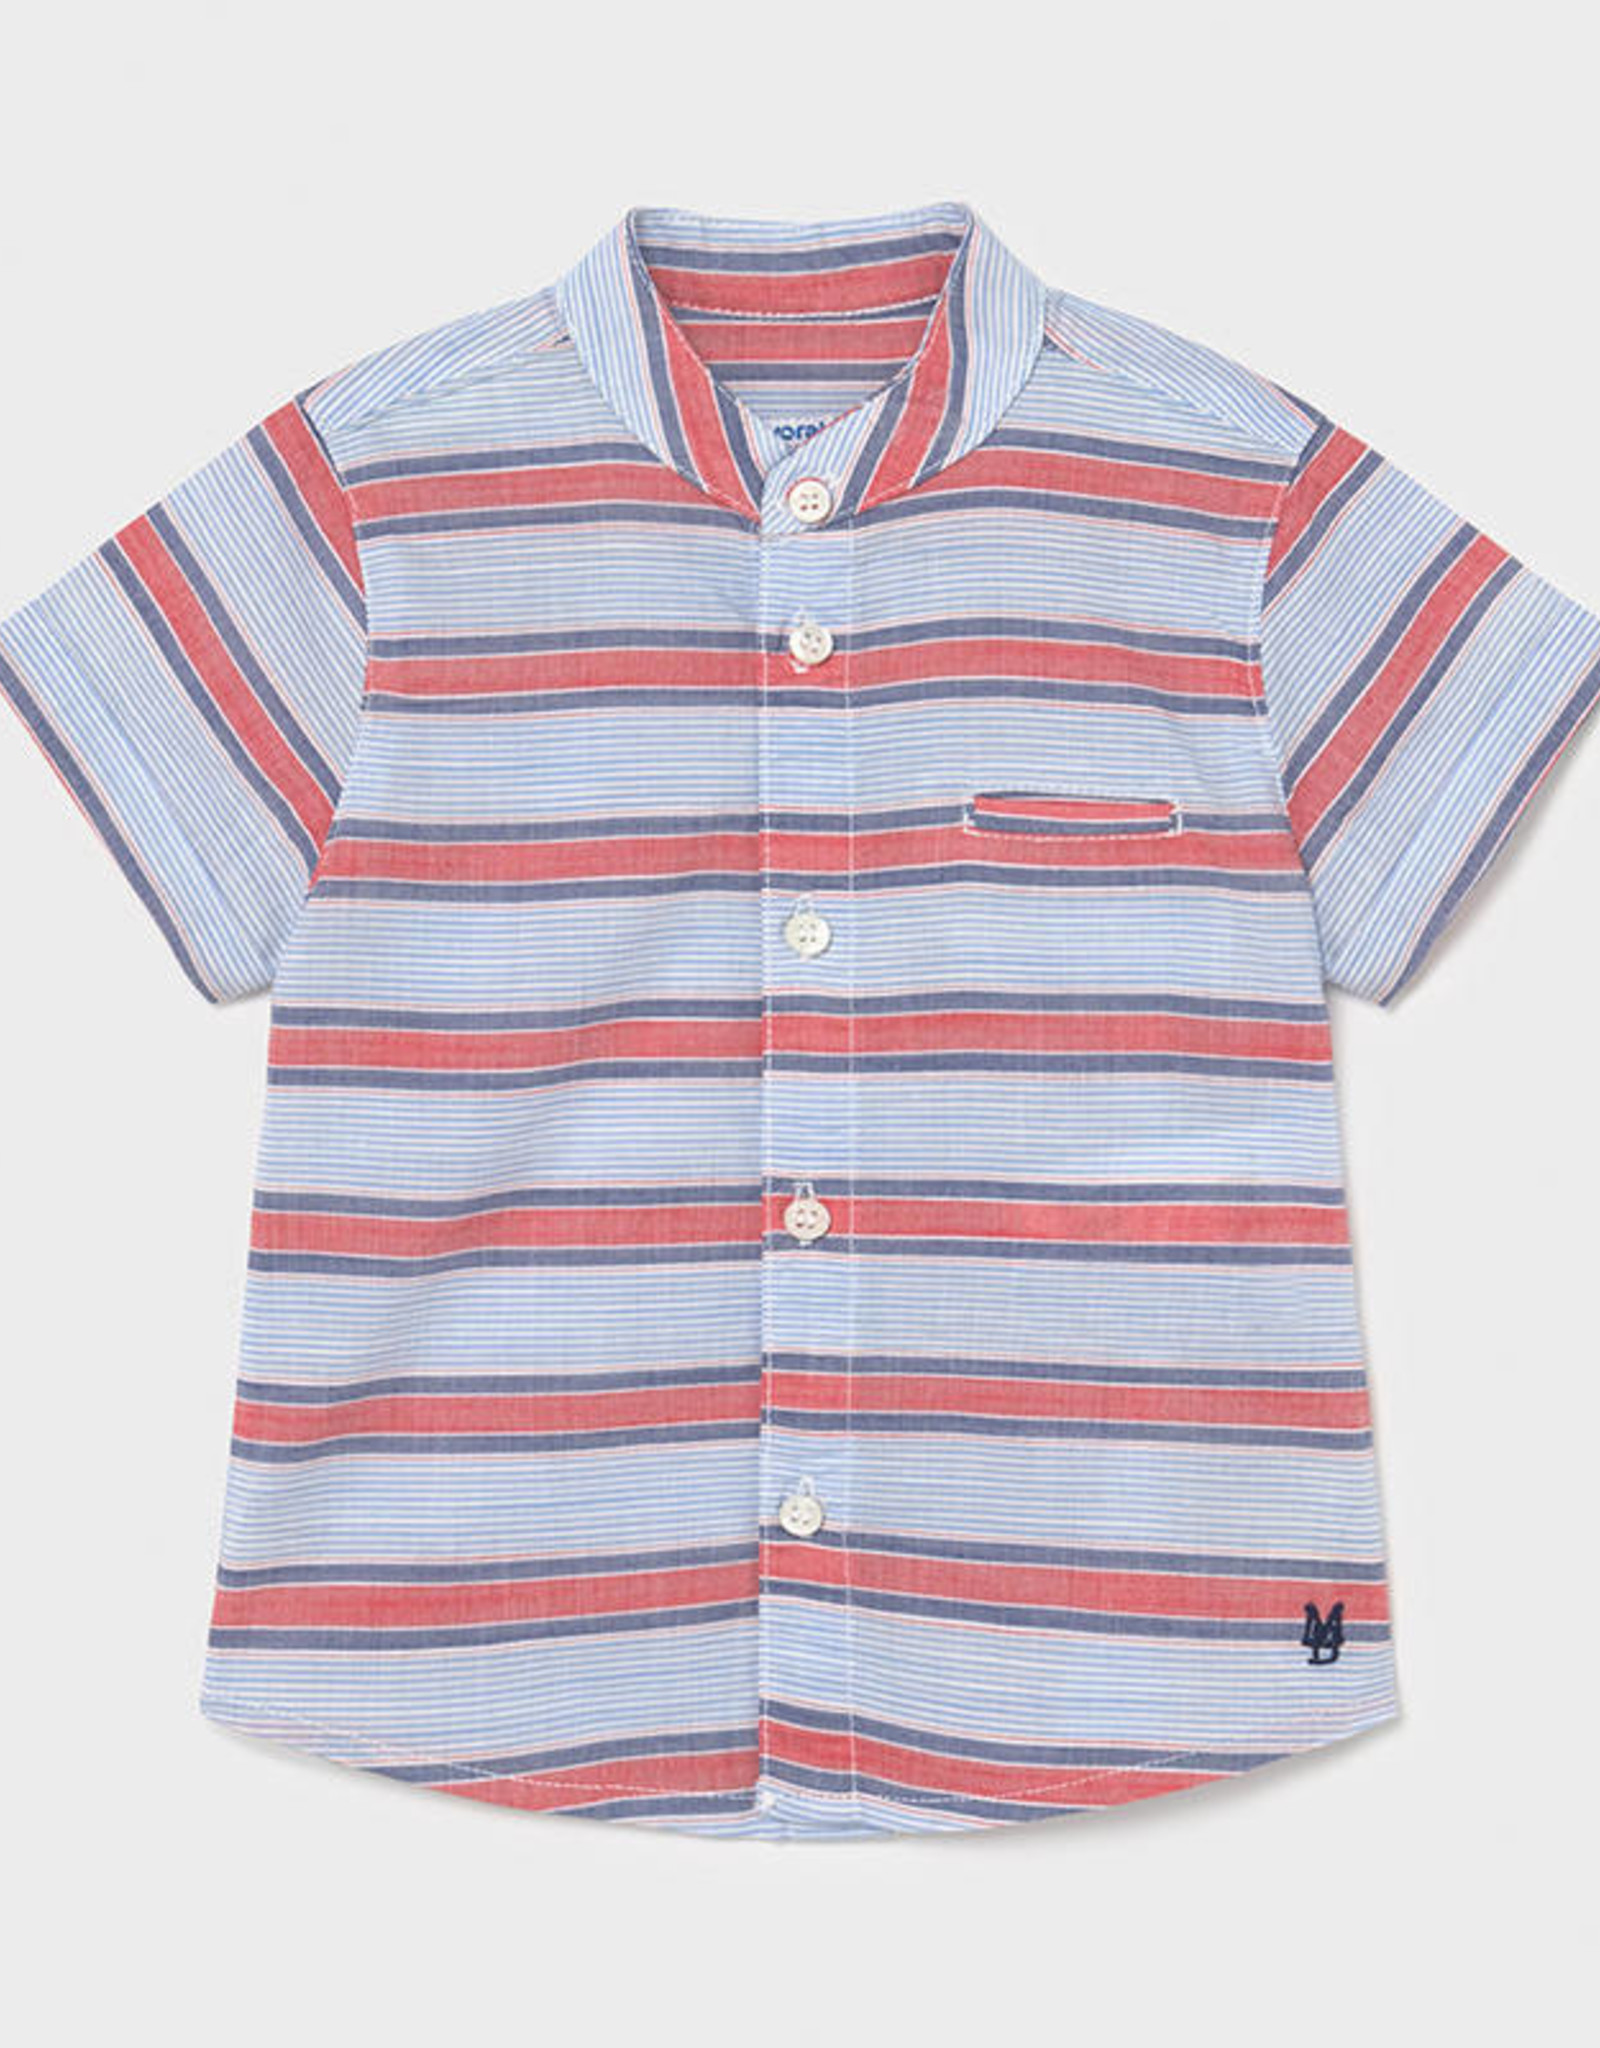 Mayoral SP21 Bby B Stripe T-shirt